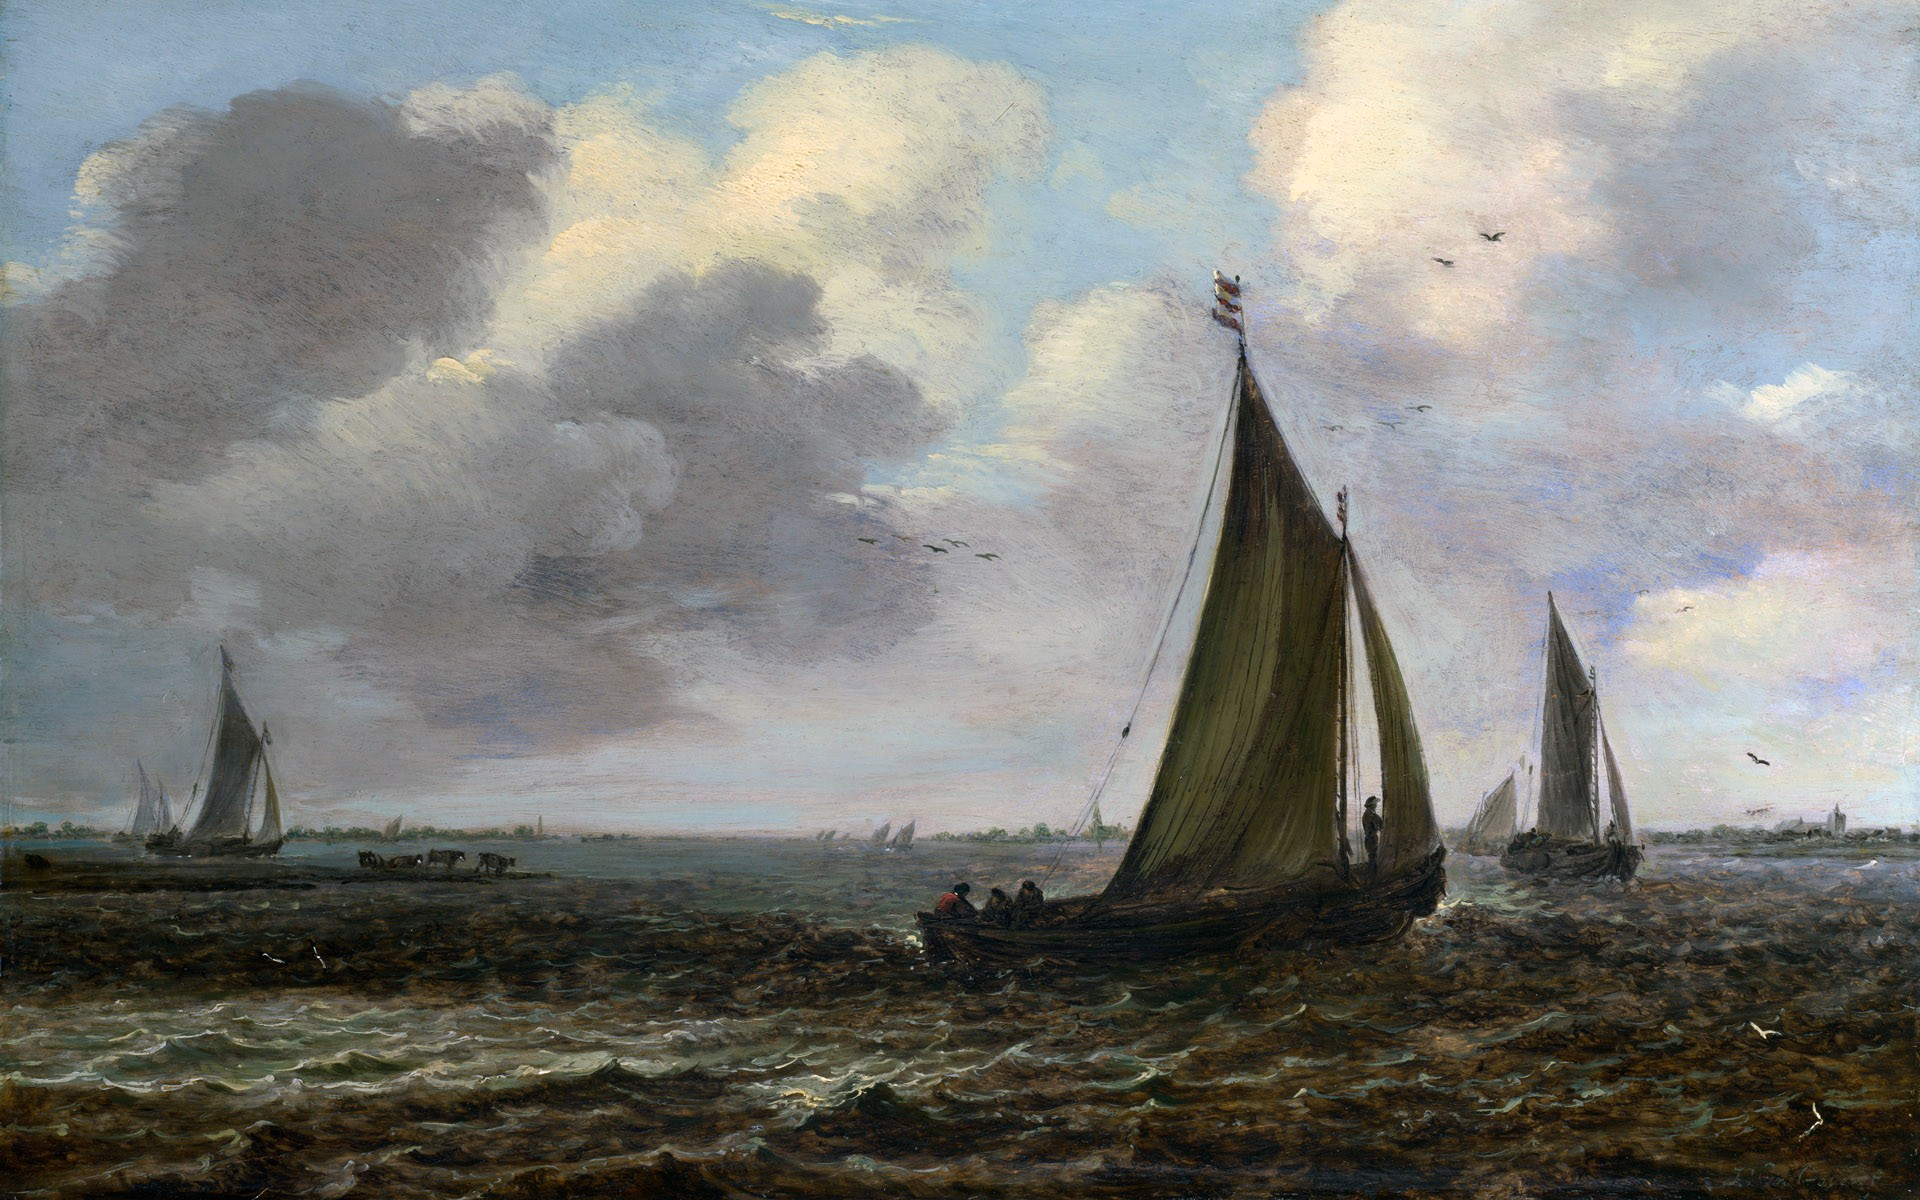 美图,图片,创意 几张和航海有关的创意图片 wallhaven-31657.jpg